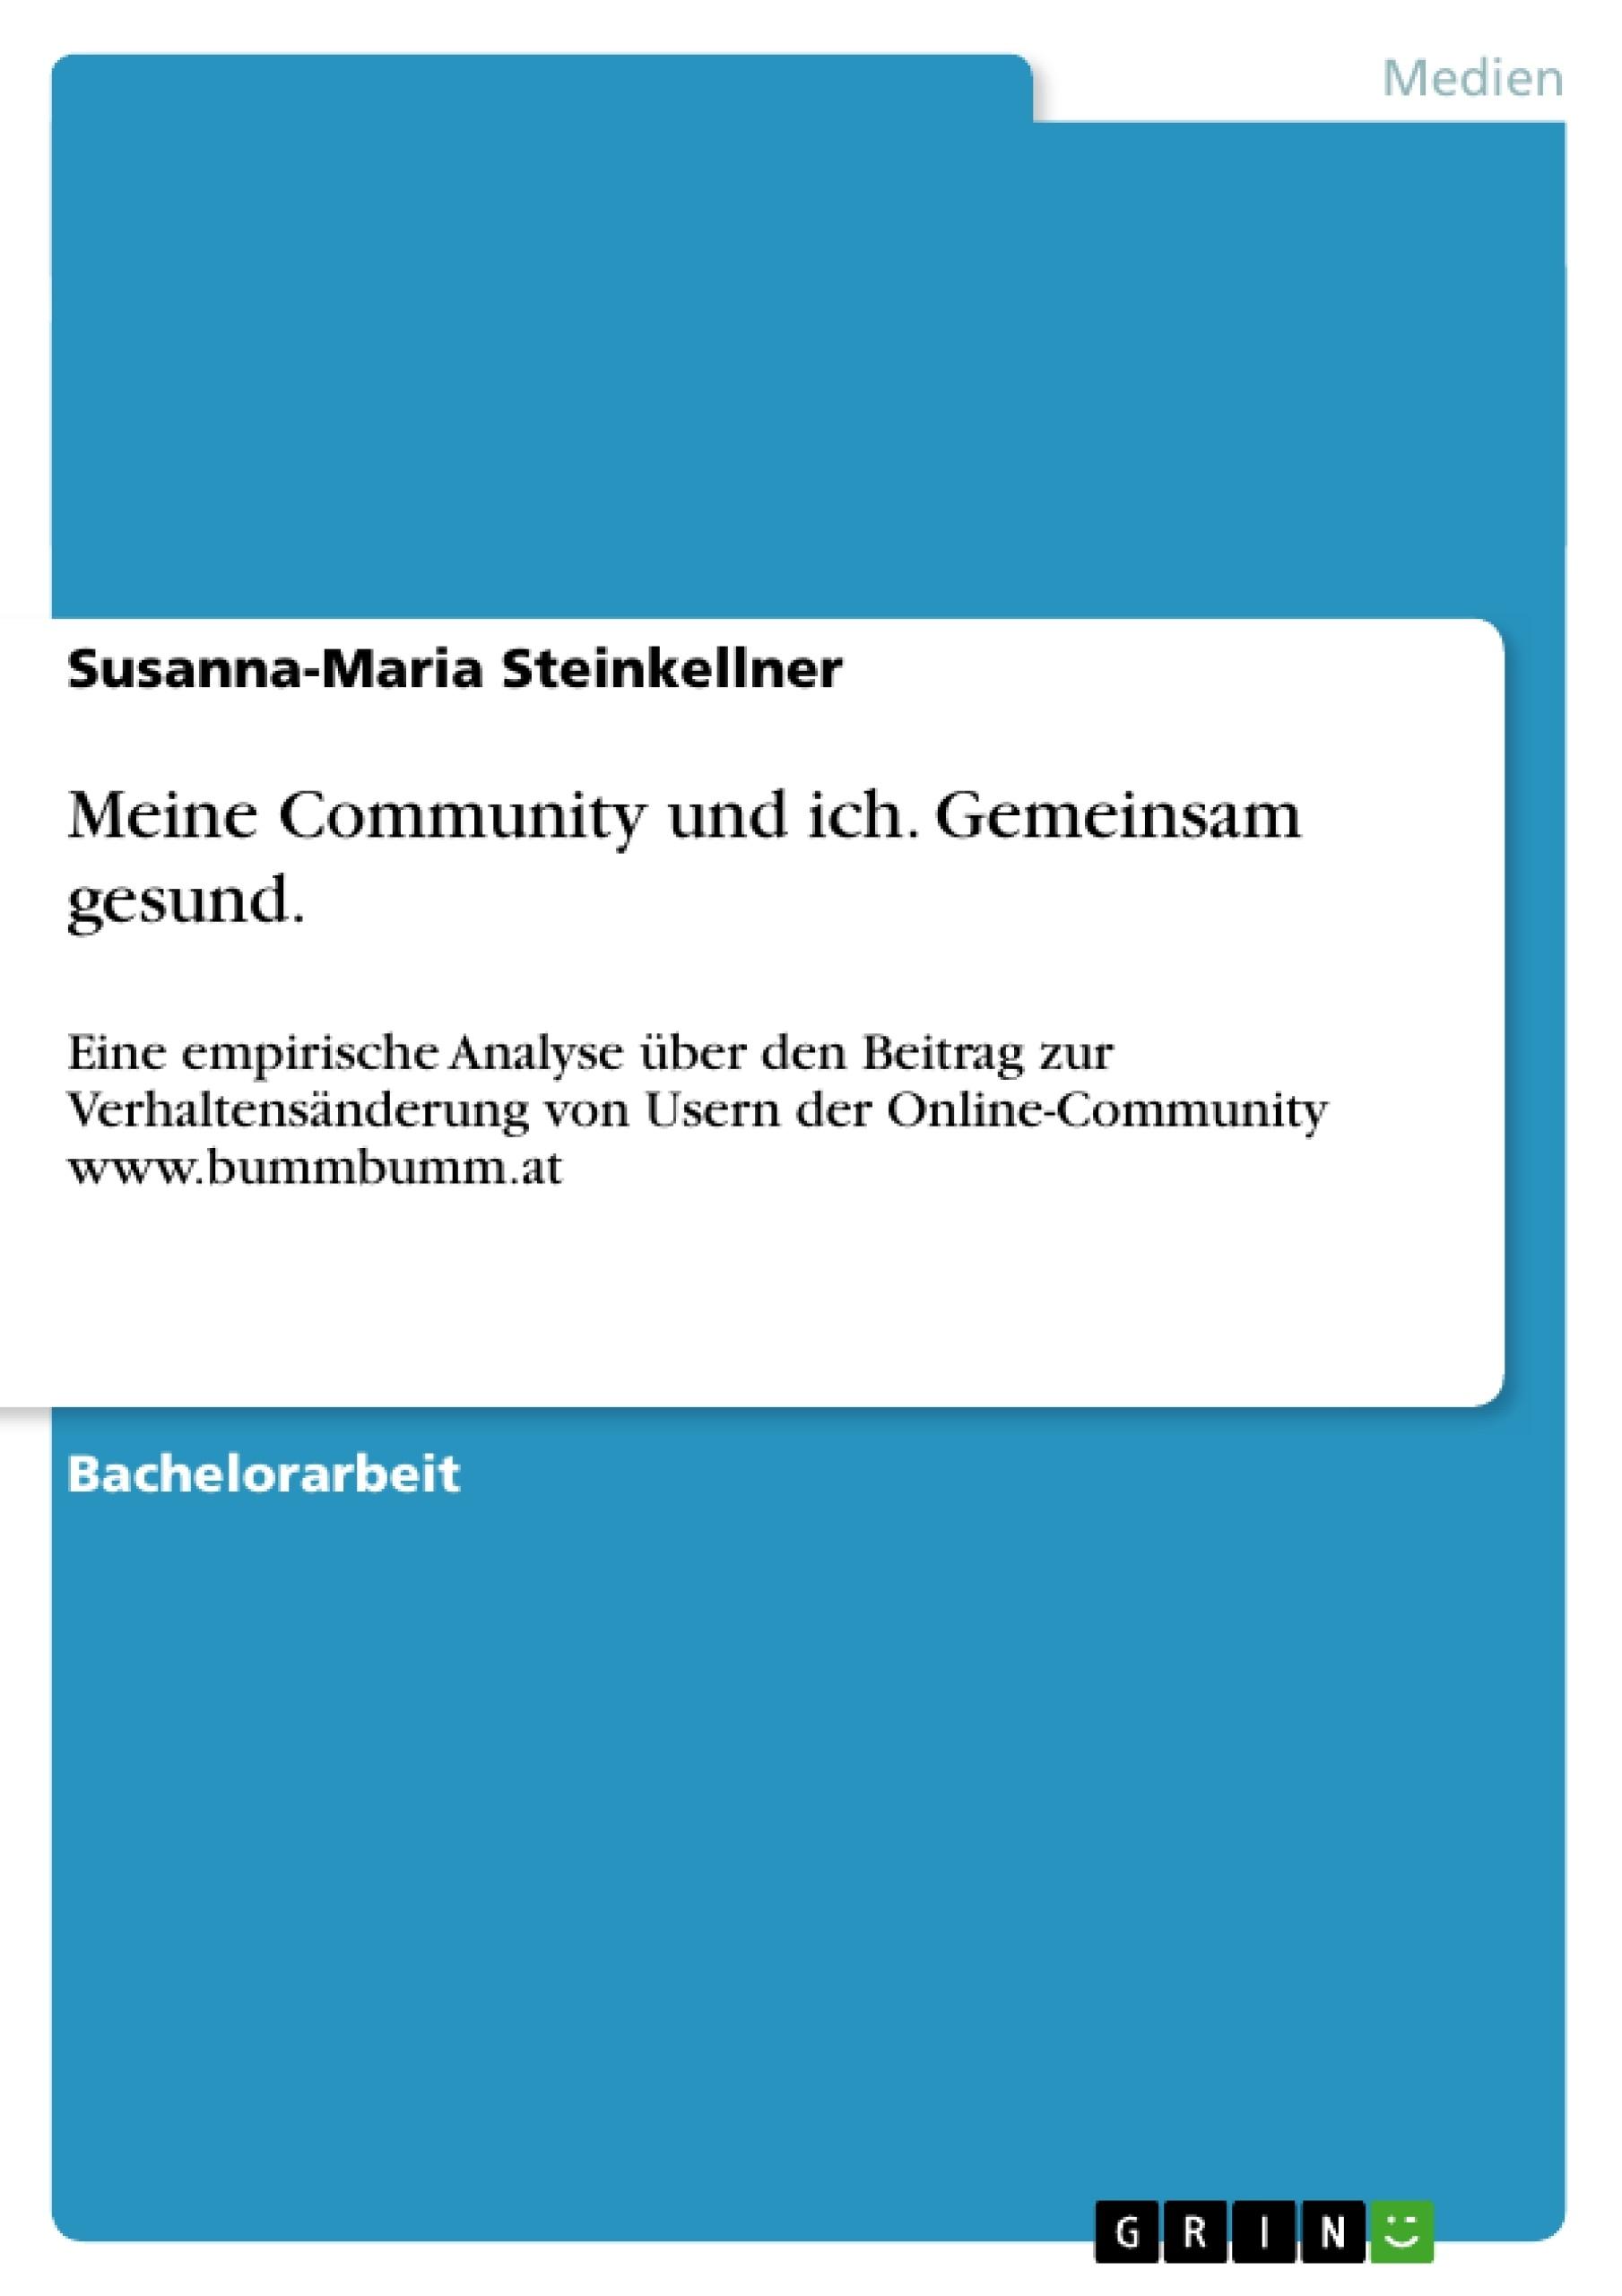 Titel: Meine Community und ich. Gemeinsam gesund.